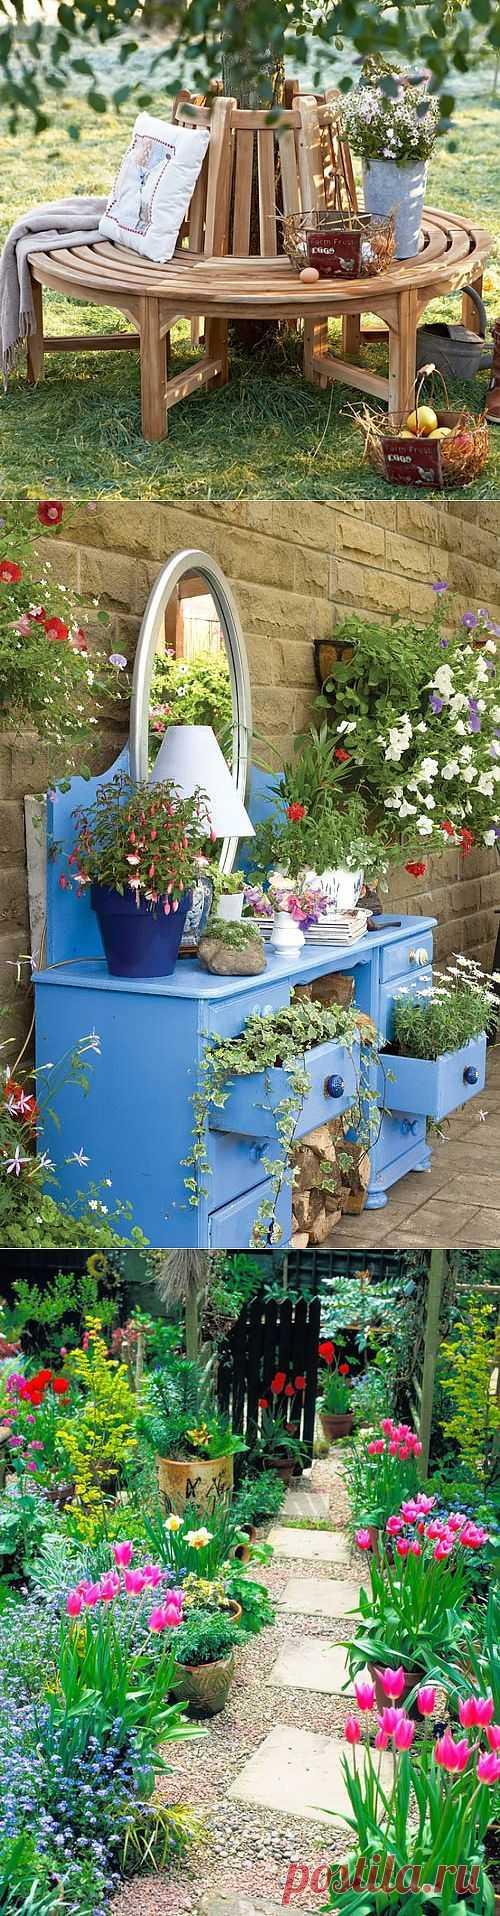 :)\сад, как удовольствие и подарок. Здесь можно говорить только о любви.